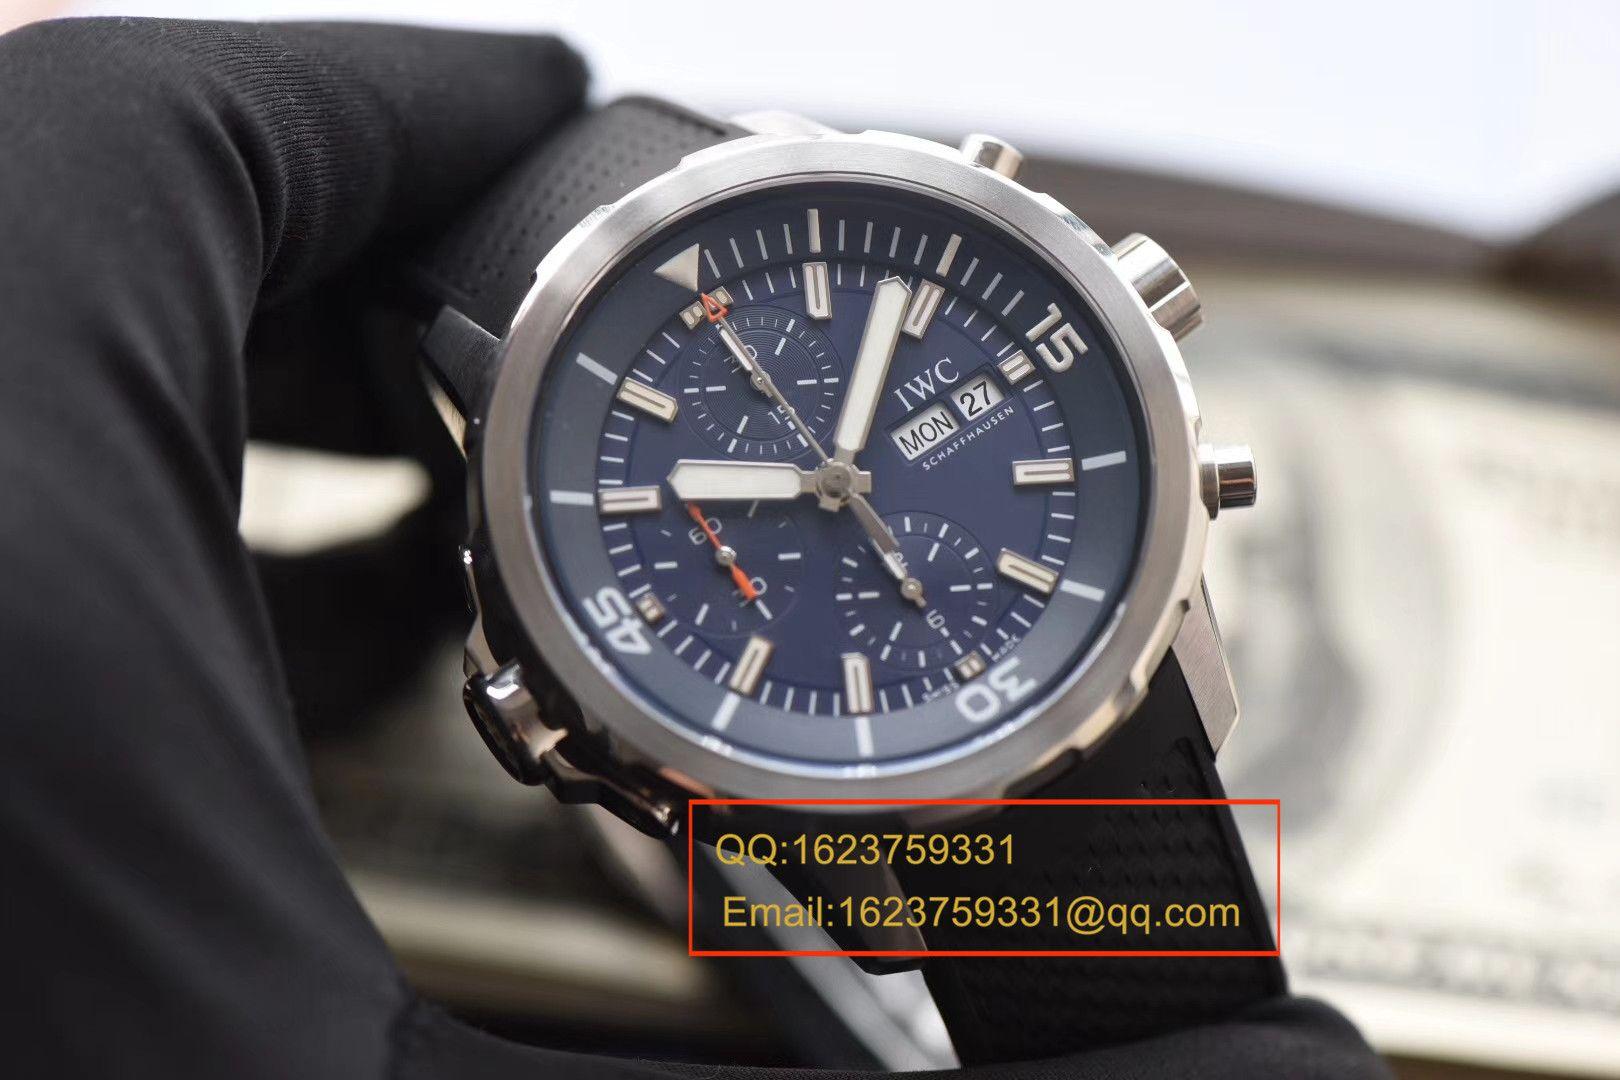 【独家视频测评V6厂一比一超A高仿手表】万国海洋时计系列IW376805蓝面腕表 / WGBD307